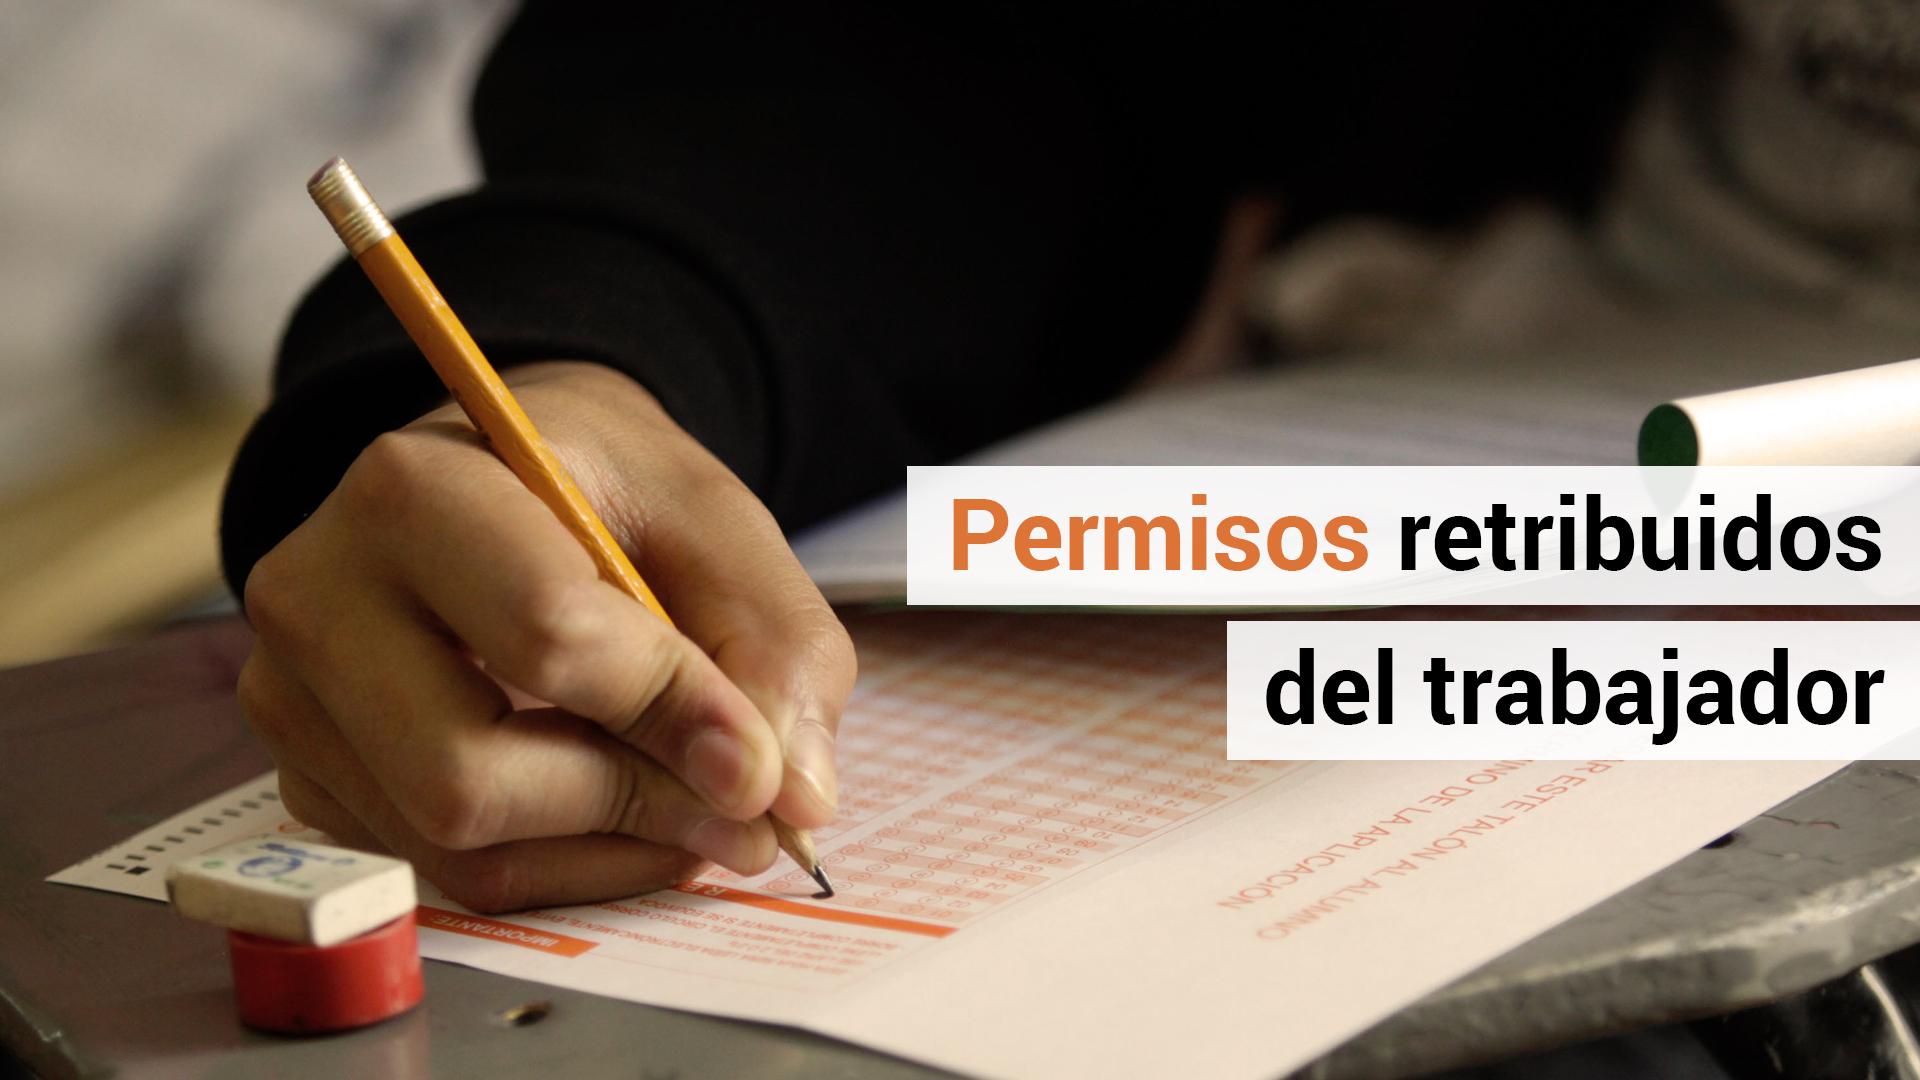 El trabajador también tiene derecho a permisos retribuidos